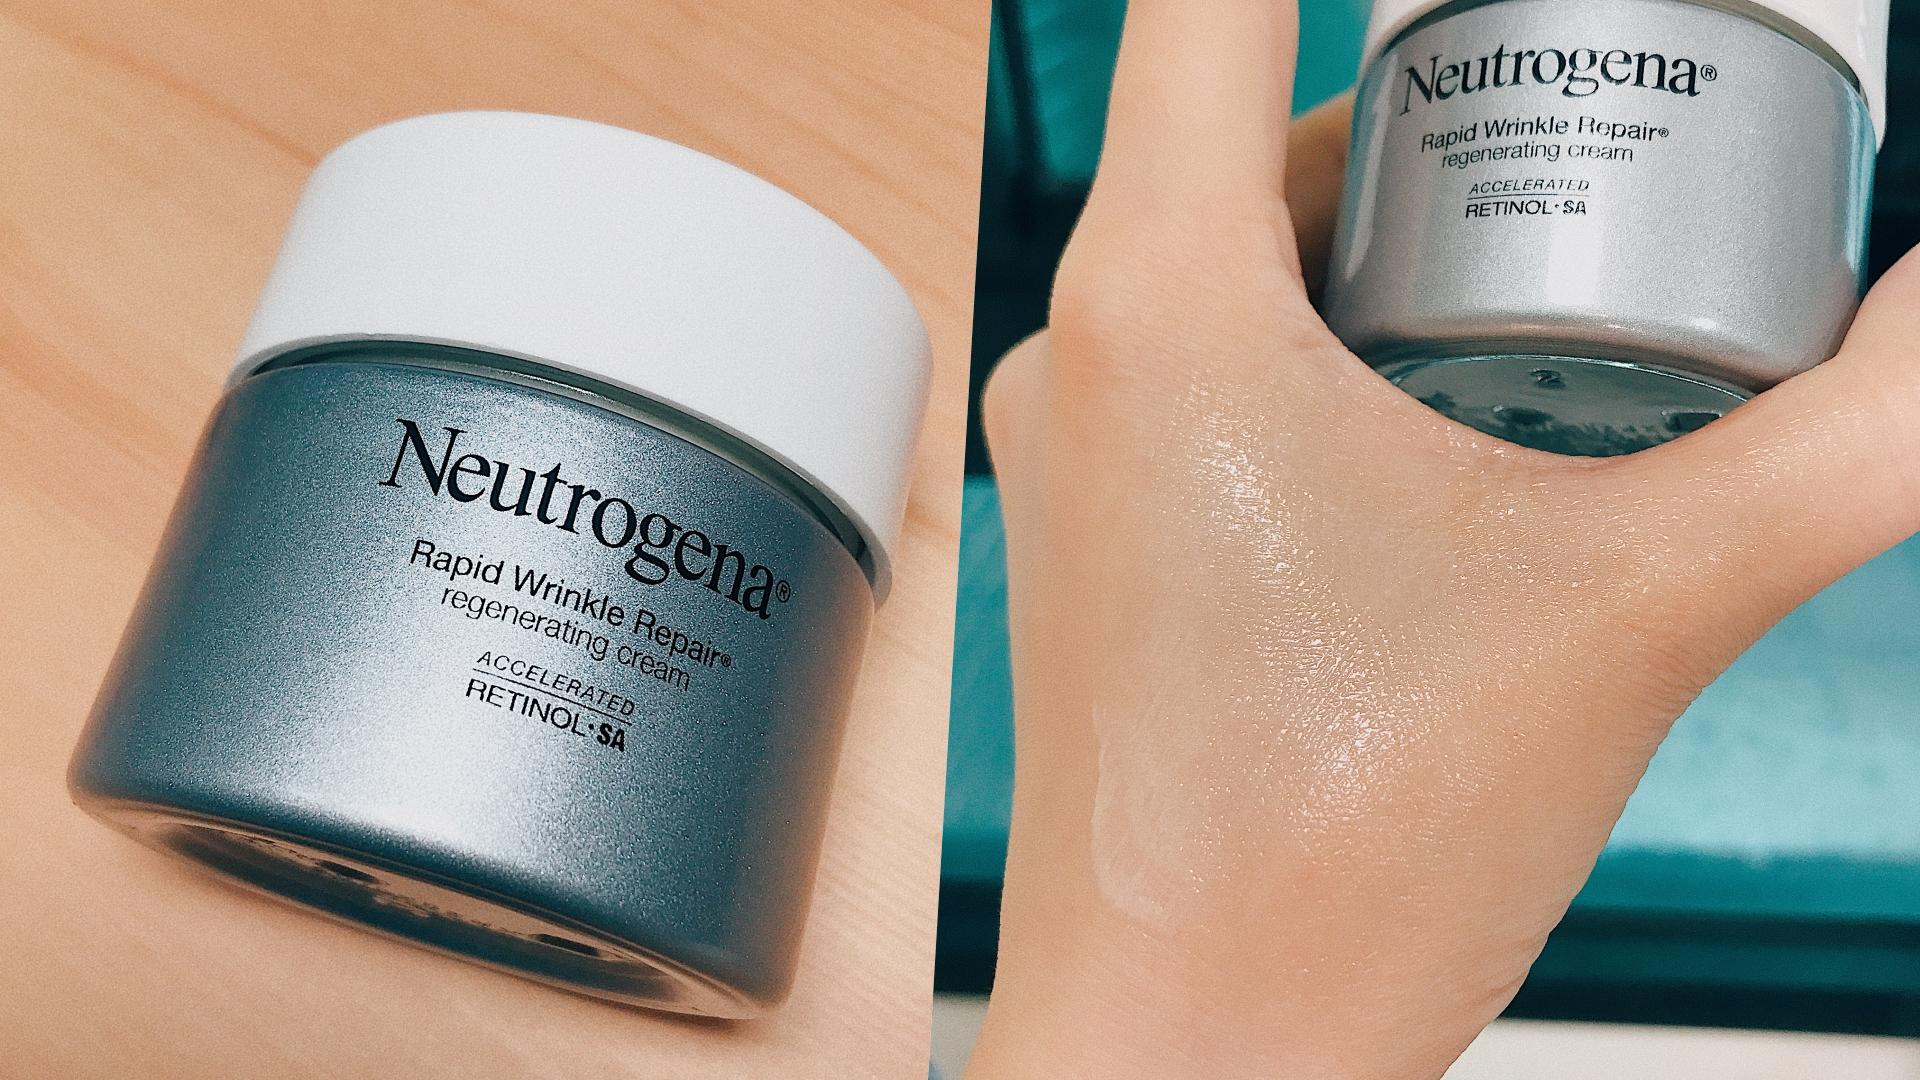 含有葡萄糖複合物,可以幫助延緩肌膚老化、維他命C能使肌膚呈現透亮光澤,使用起來是不油膩的霜狀質地,還有淡淡香氣讓保養過程更開心